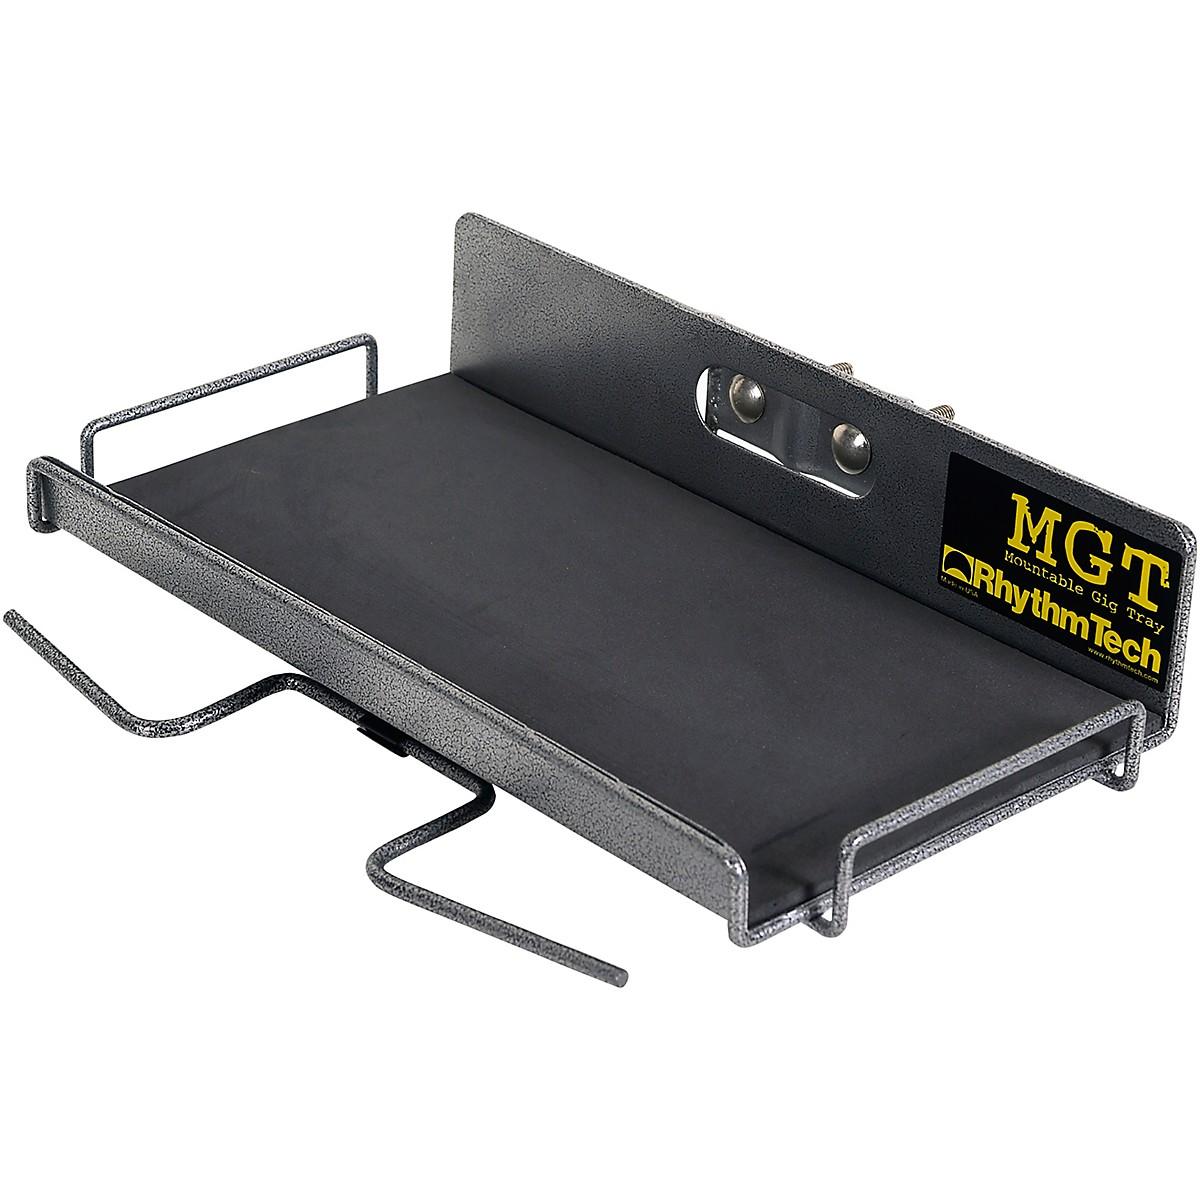 Rhythm Tech Mountable Gig Tray